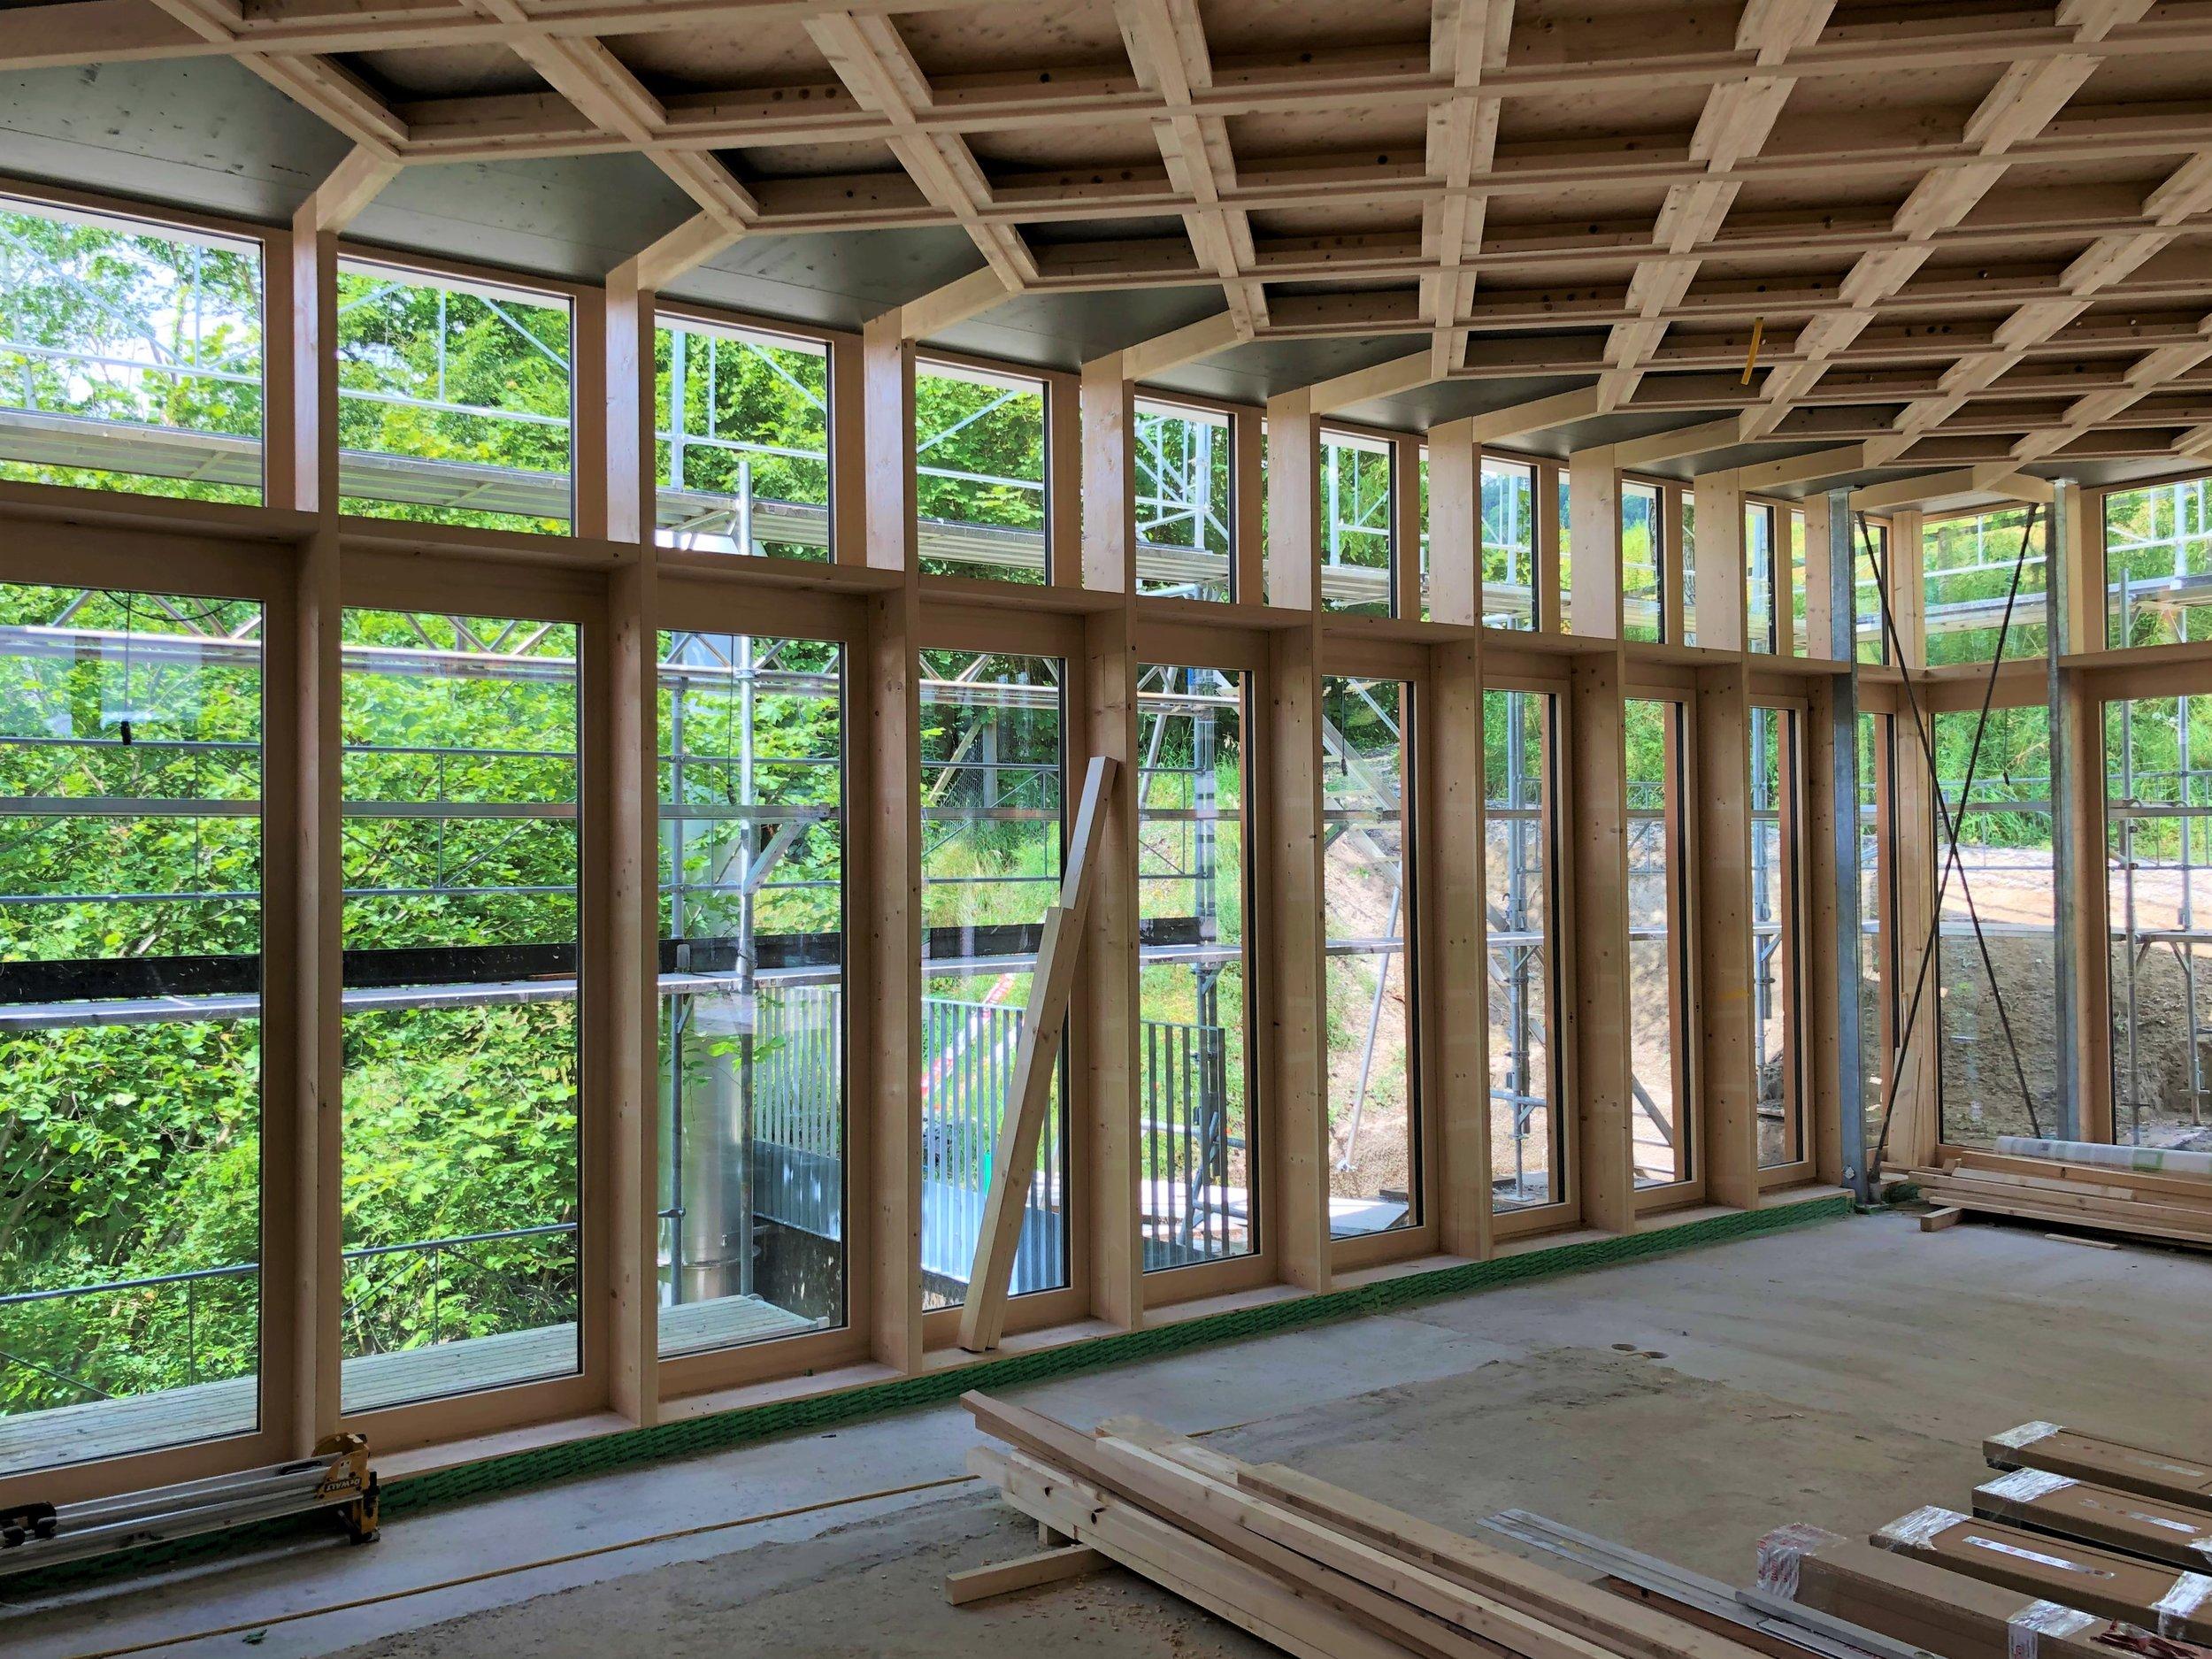 Pavillon Bauten - Alterszentrum Stein am Rhein. Die Pavillon Bauten werden hell sein und die Kasetten-Decken machen grosse Freude. Die Architektur kommt von Meyer Stegemann Architekten und Hunkeler Hürzeler Architekten. Wir dürfen den Holzbau und die Fenster-Fassaden planen.